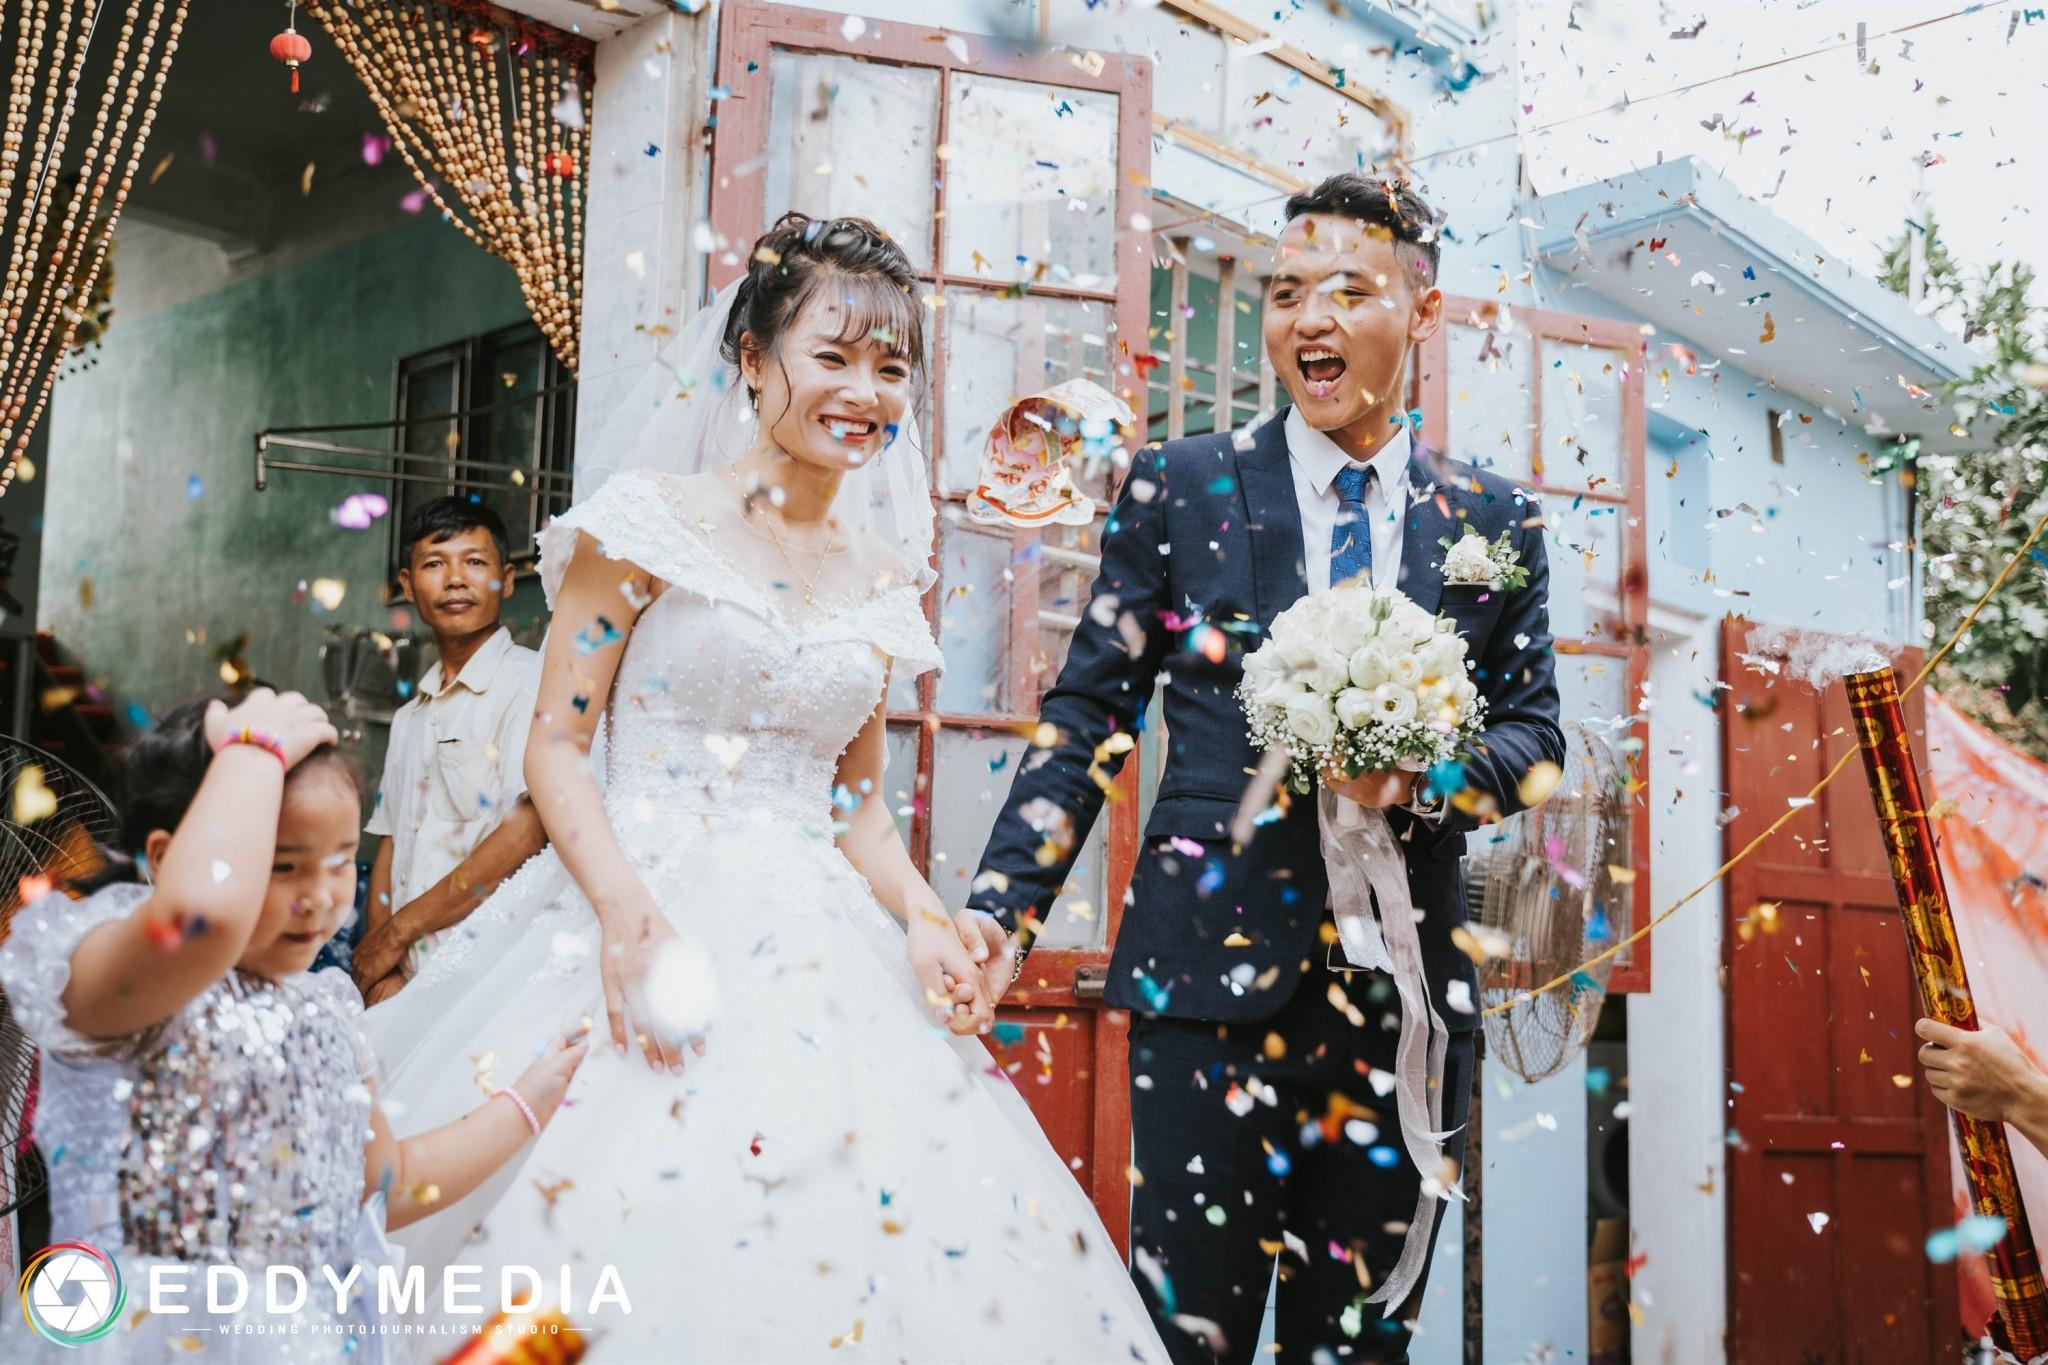 Tiệc cưới Lạc Long - Hải Phòng